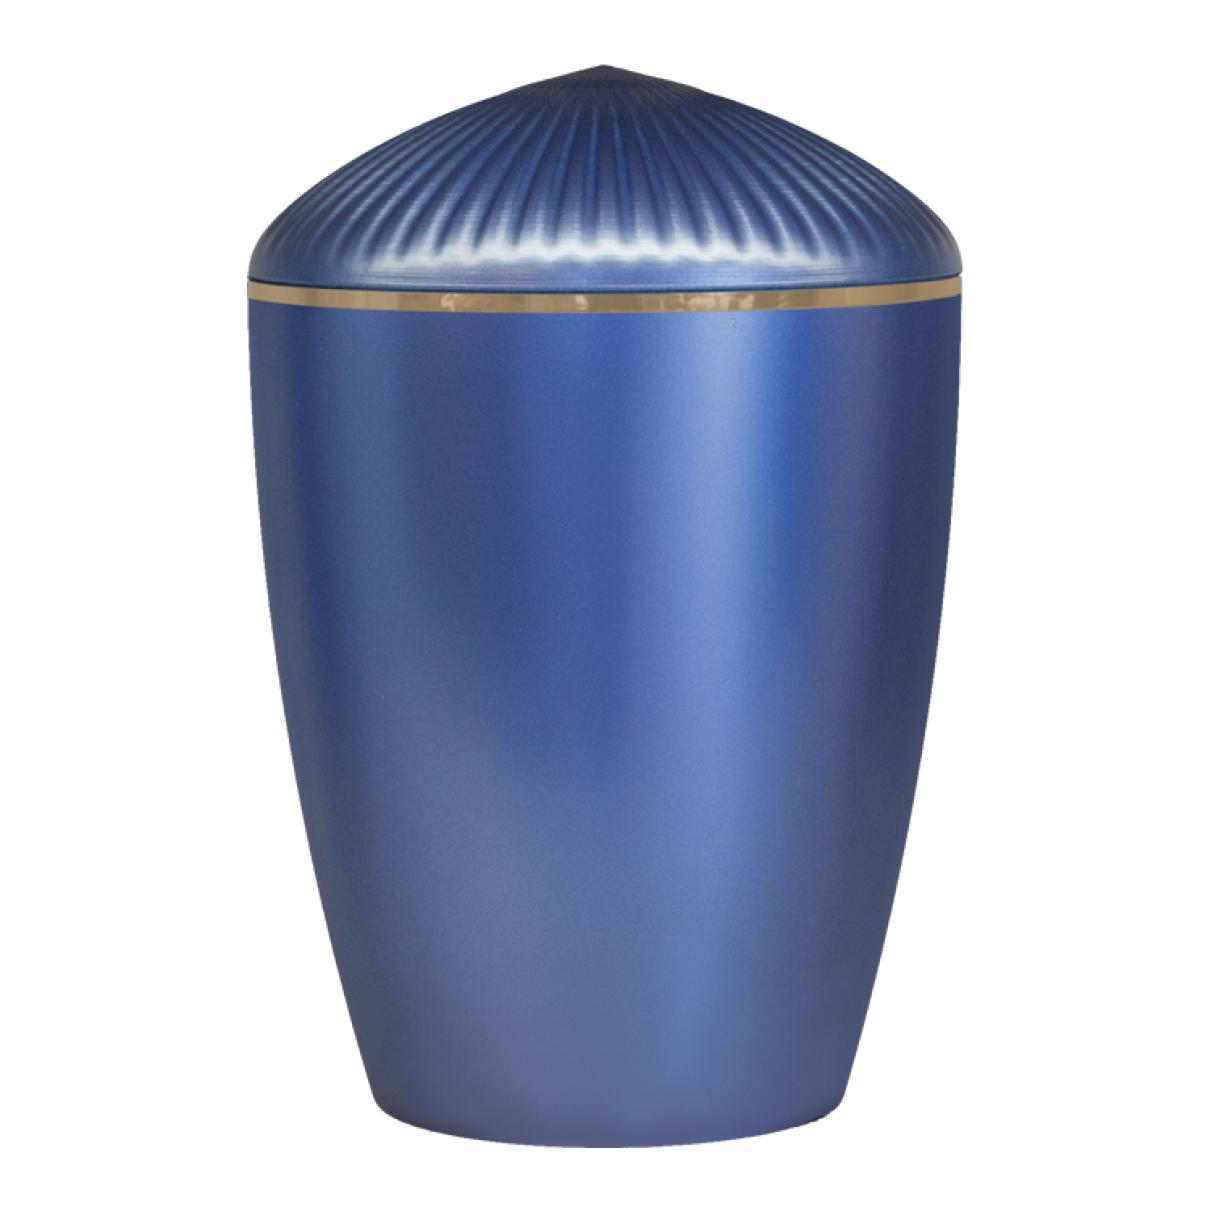 Ferndown Gold Band Cremation Urn – Dark Blue